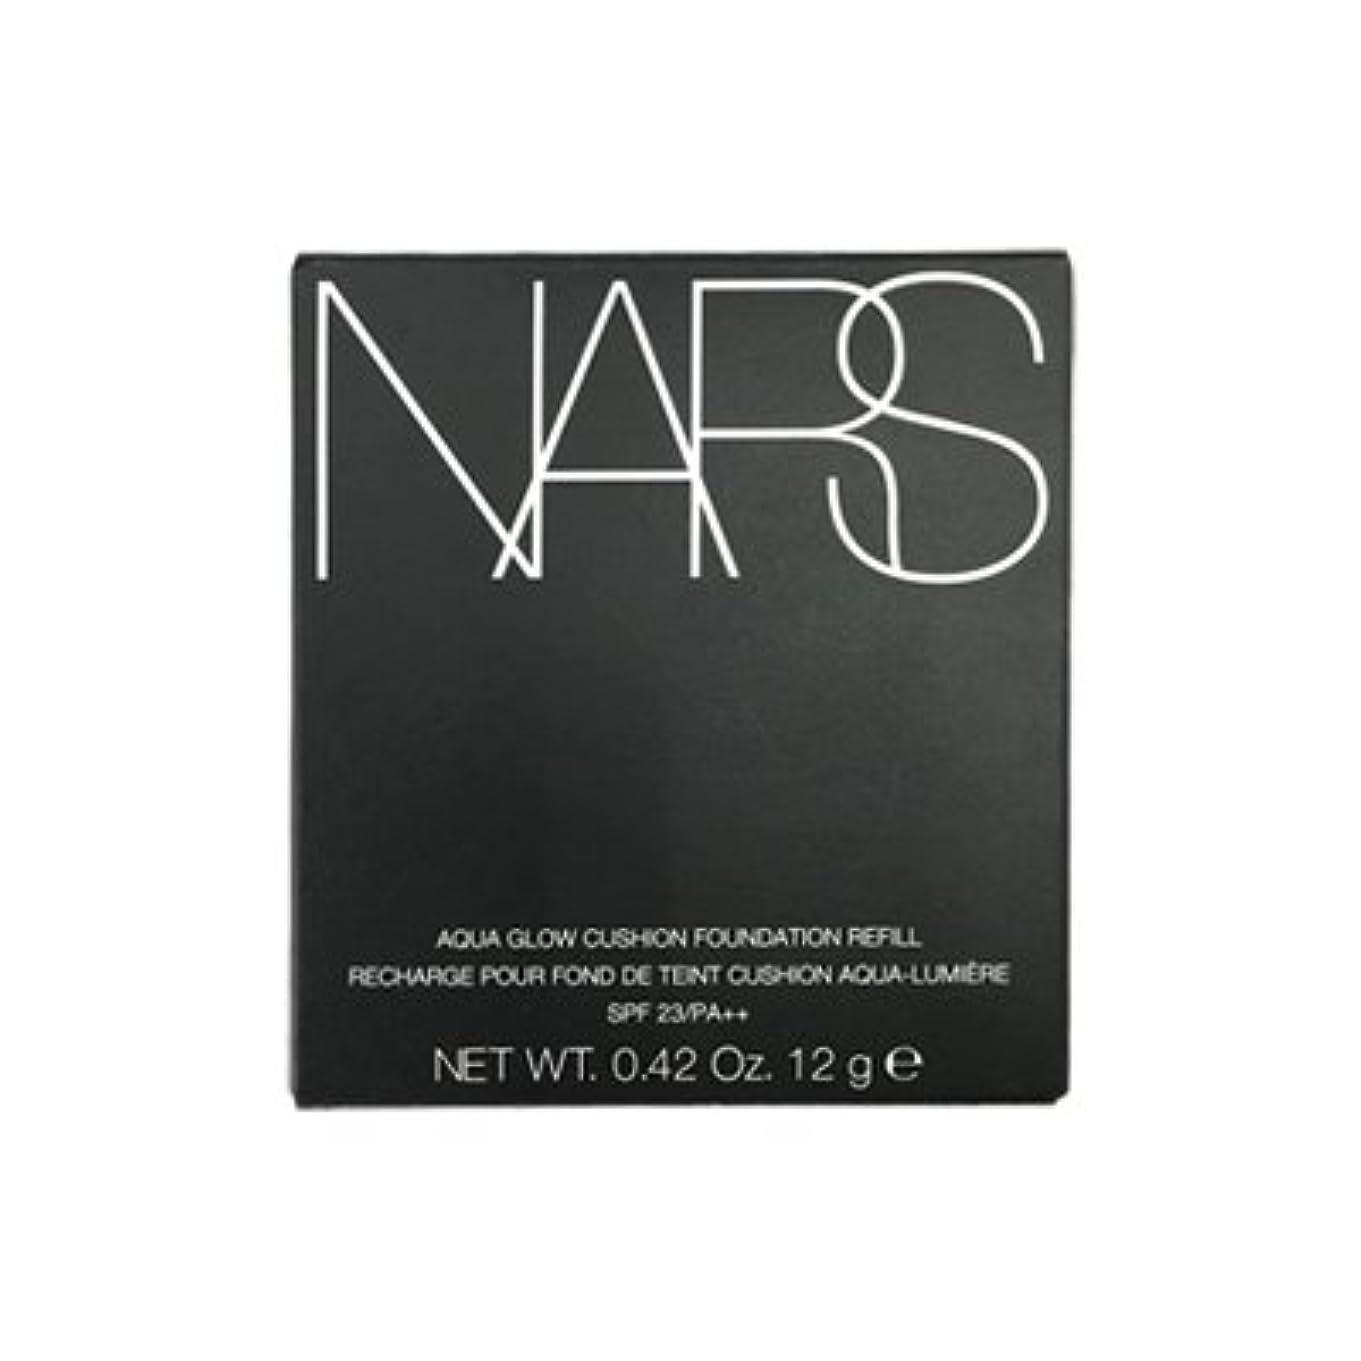 上院議員早く余暇NARS アクアティックグロー クッションコンパクト レフィル SPF23/PA++ #6801 [並行輸入品]